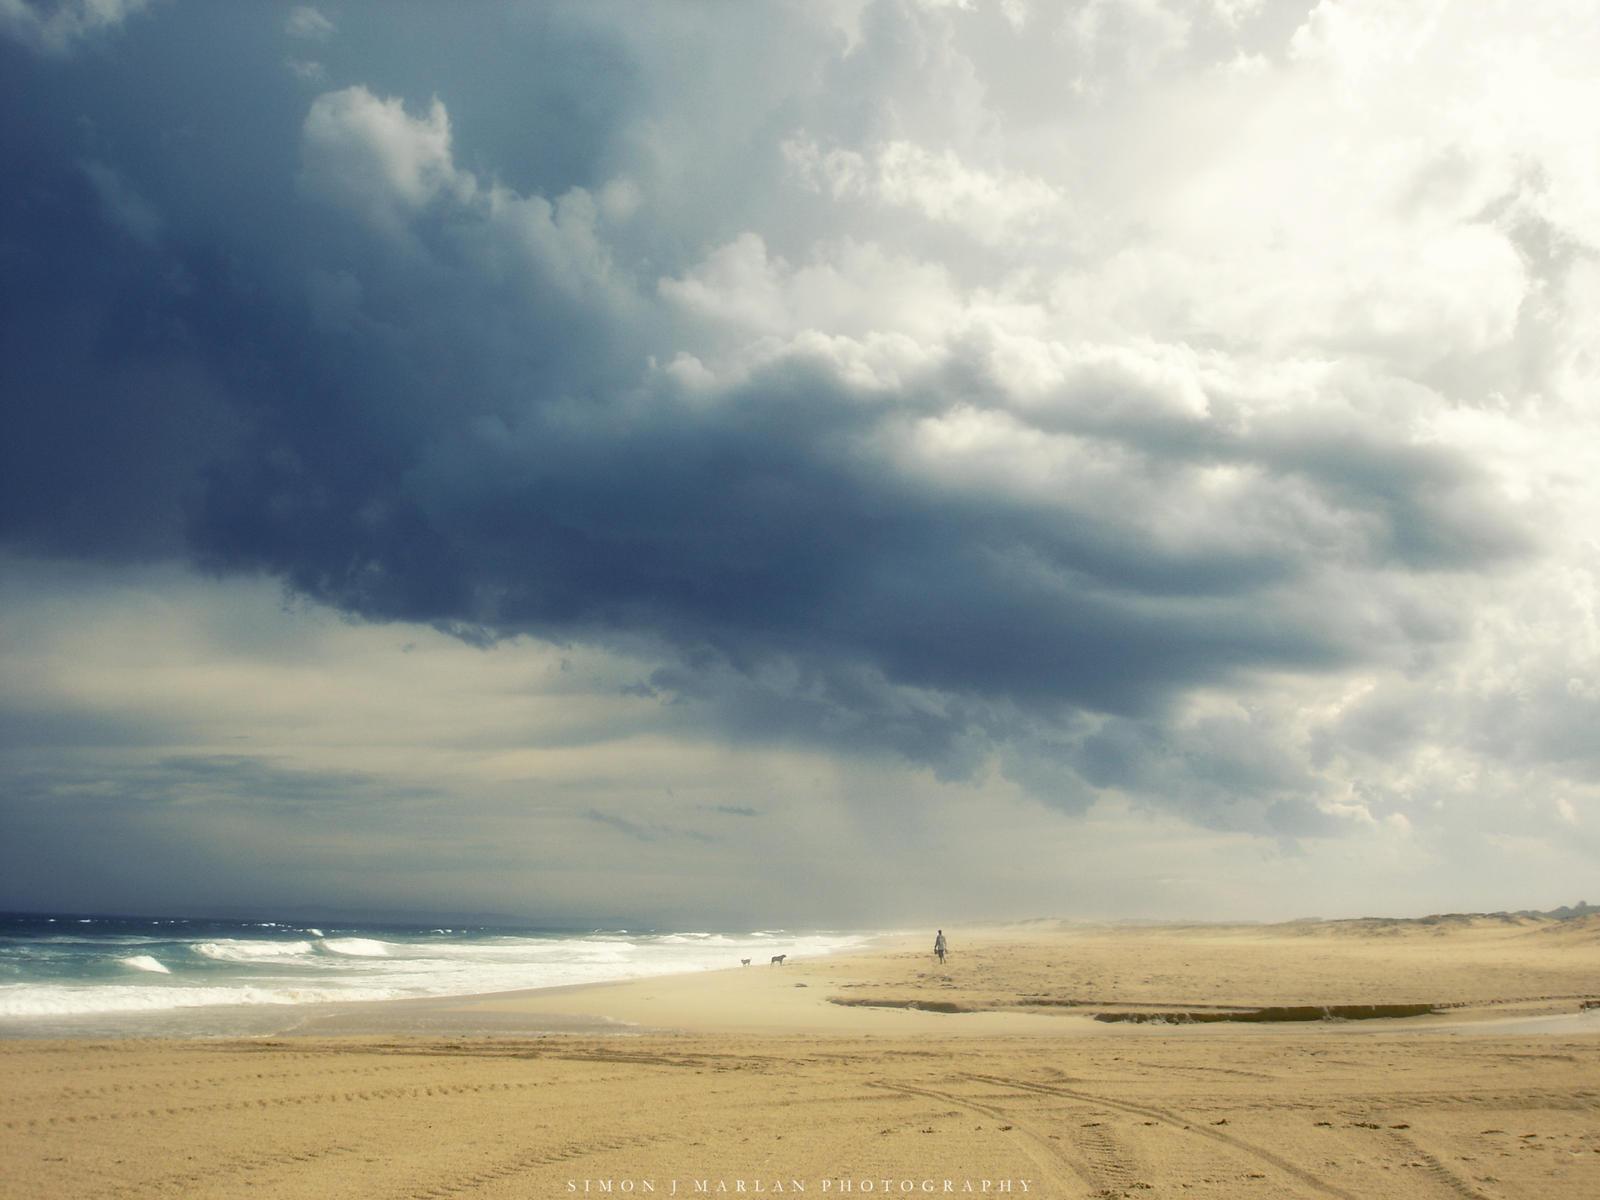 Southward by Darth-Marlan